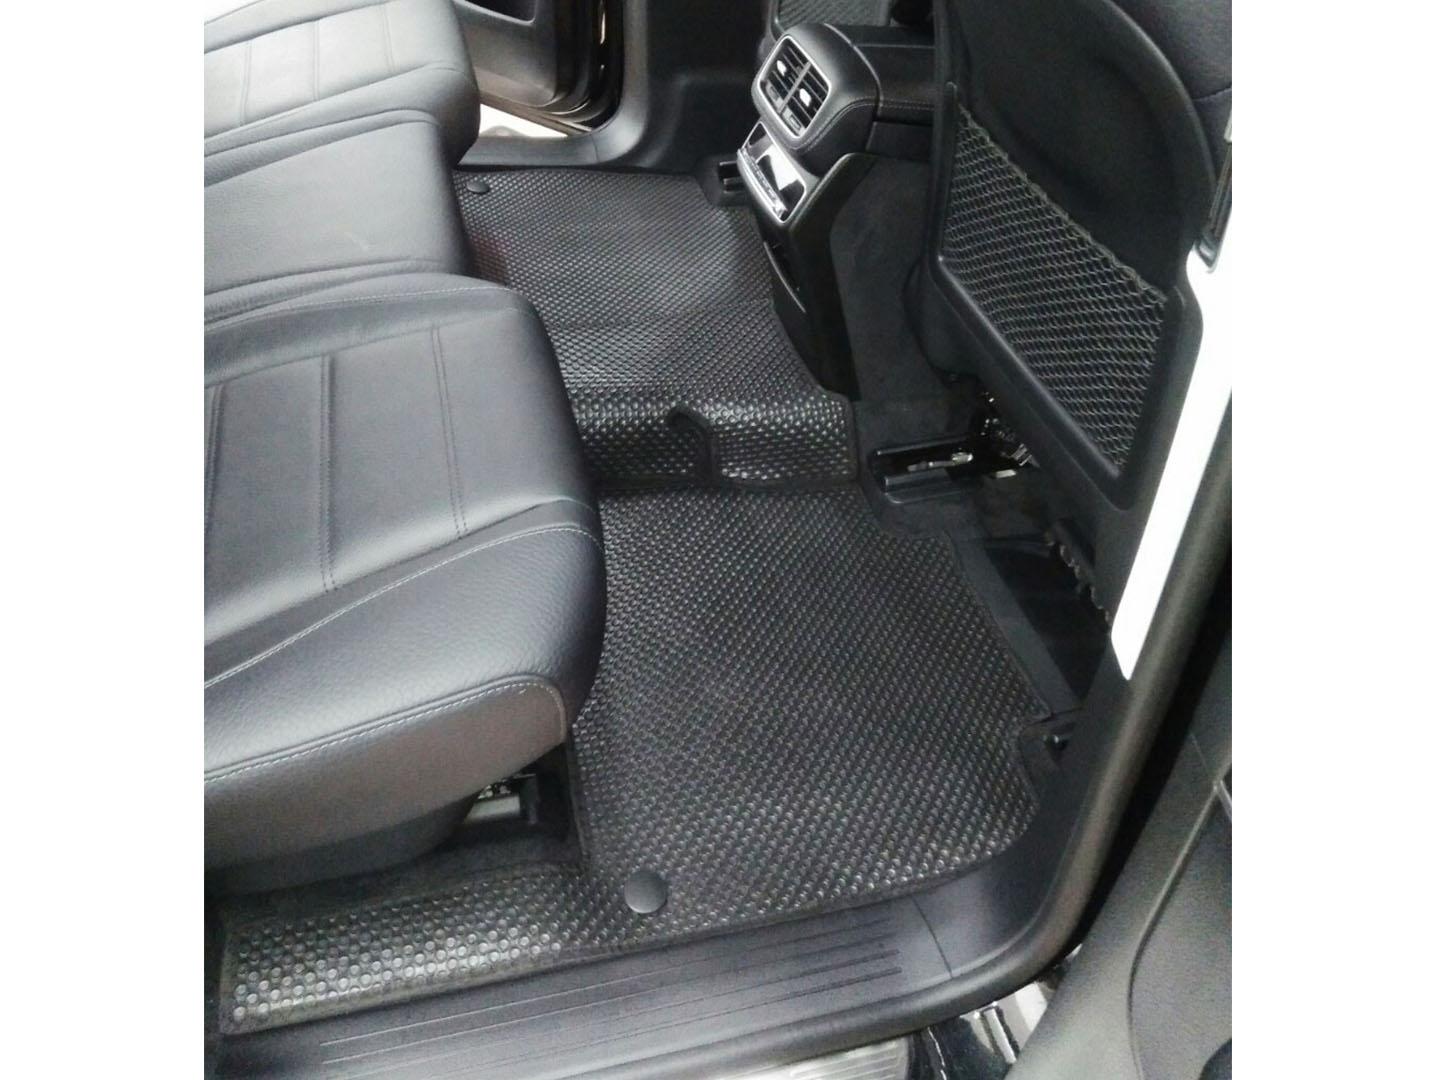 Thảm lót sàn Mercedes GLS 450 2020